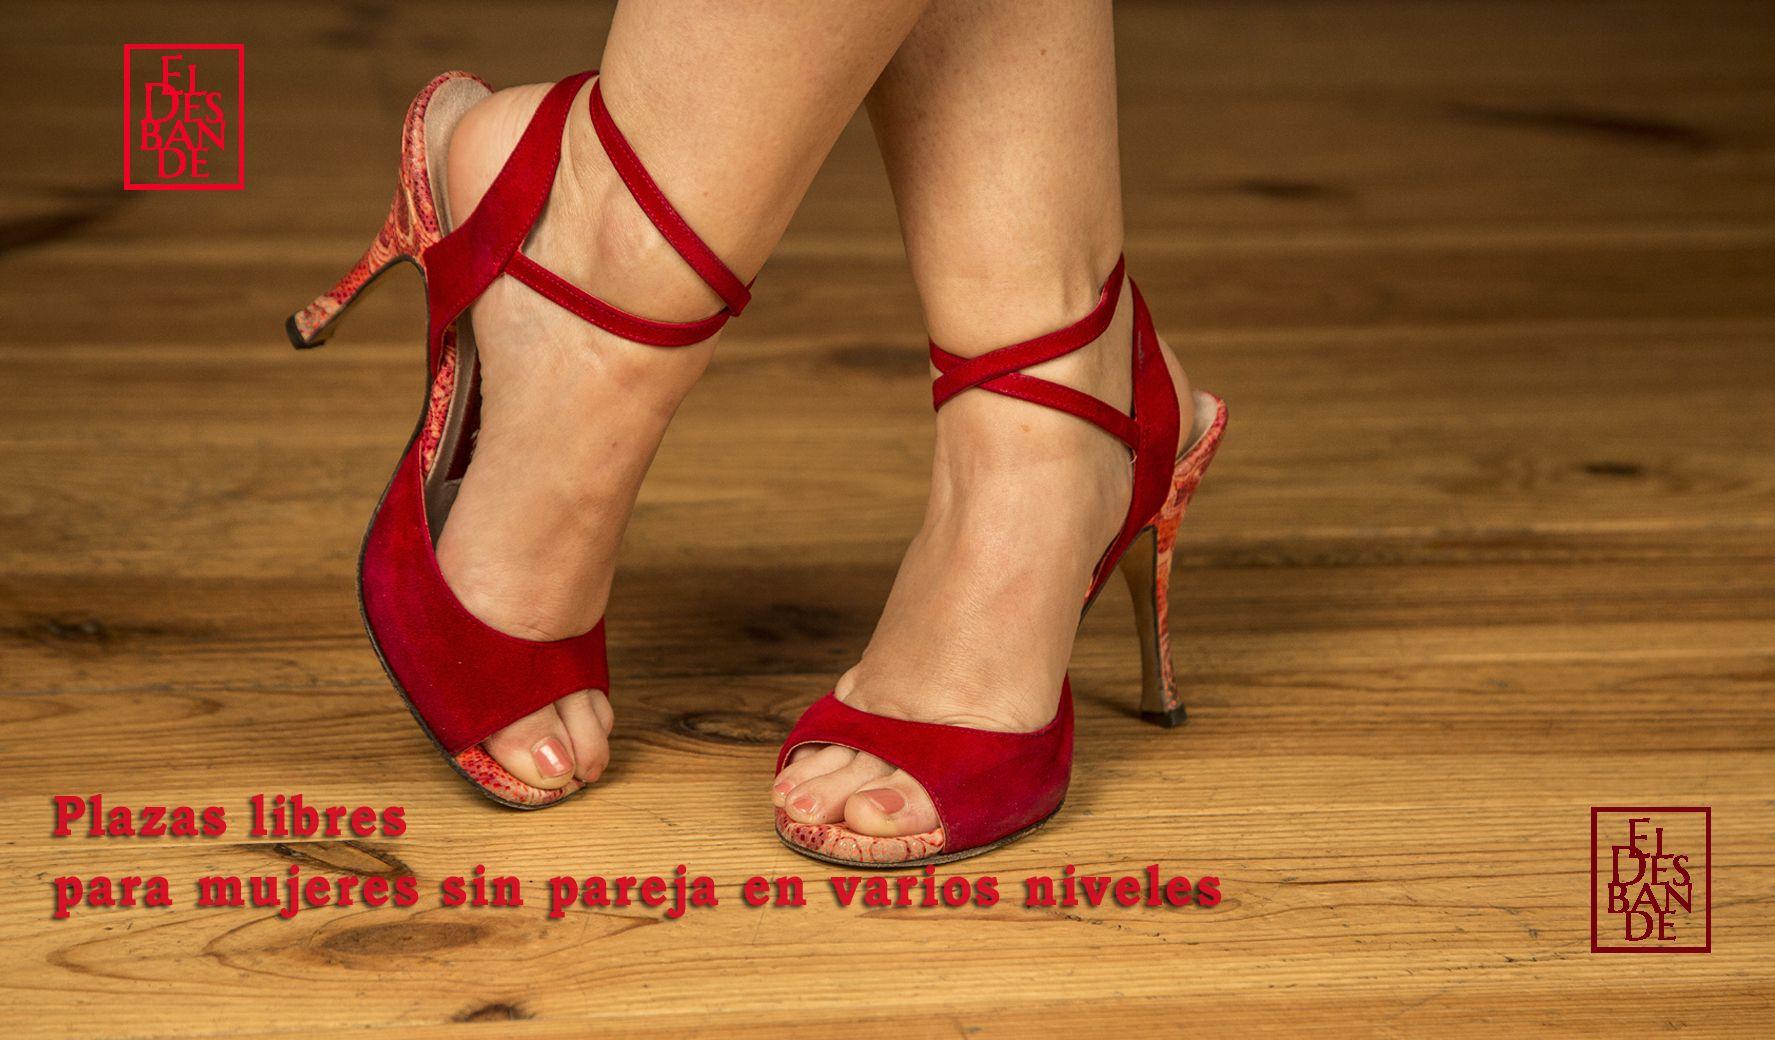 plazas libres tango